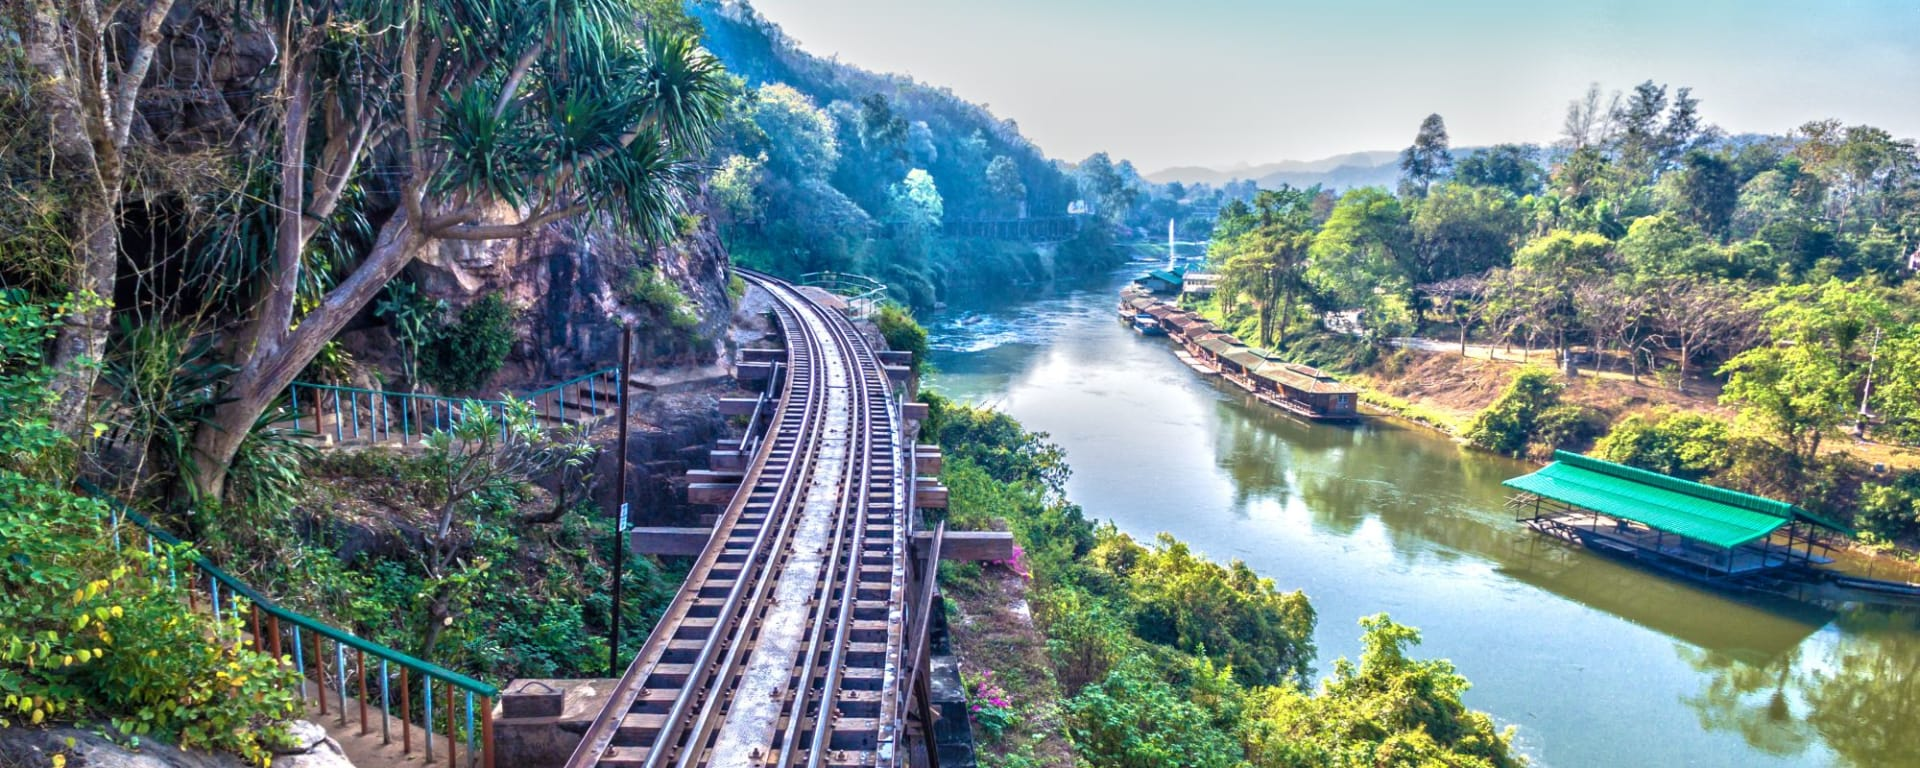 Thailand für Geniesser ab Bangkok: River Kwai Railway